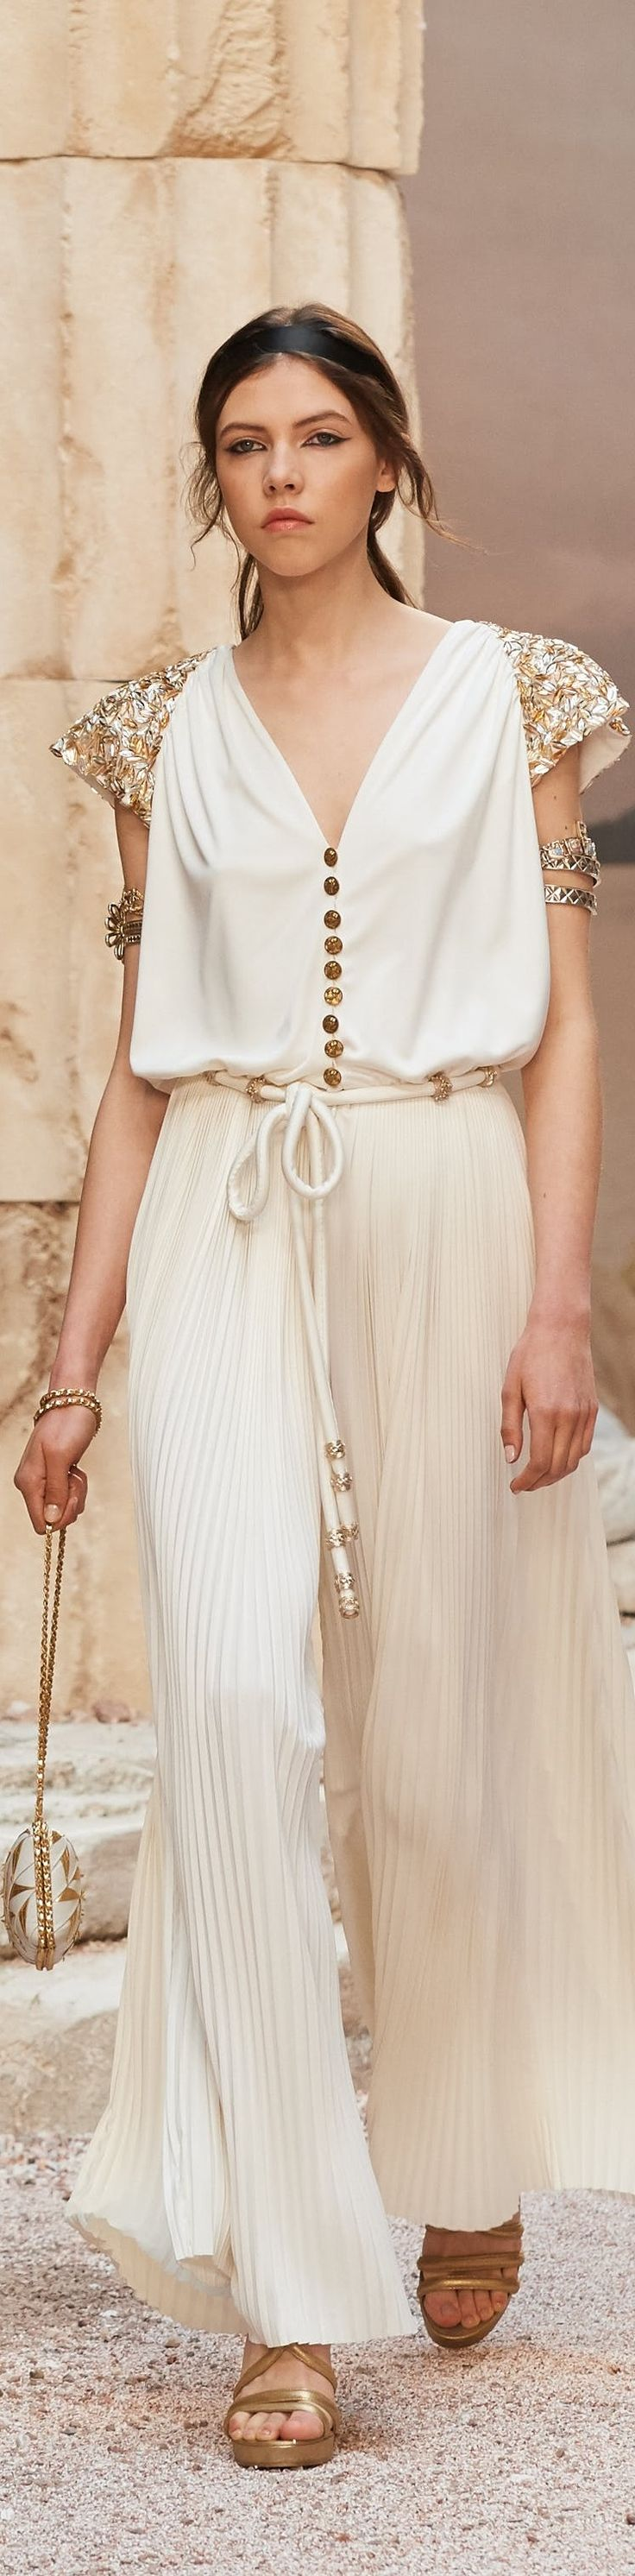 Коко шанель платья